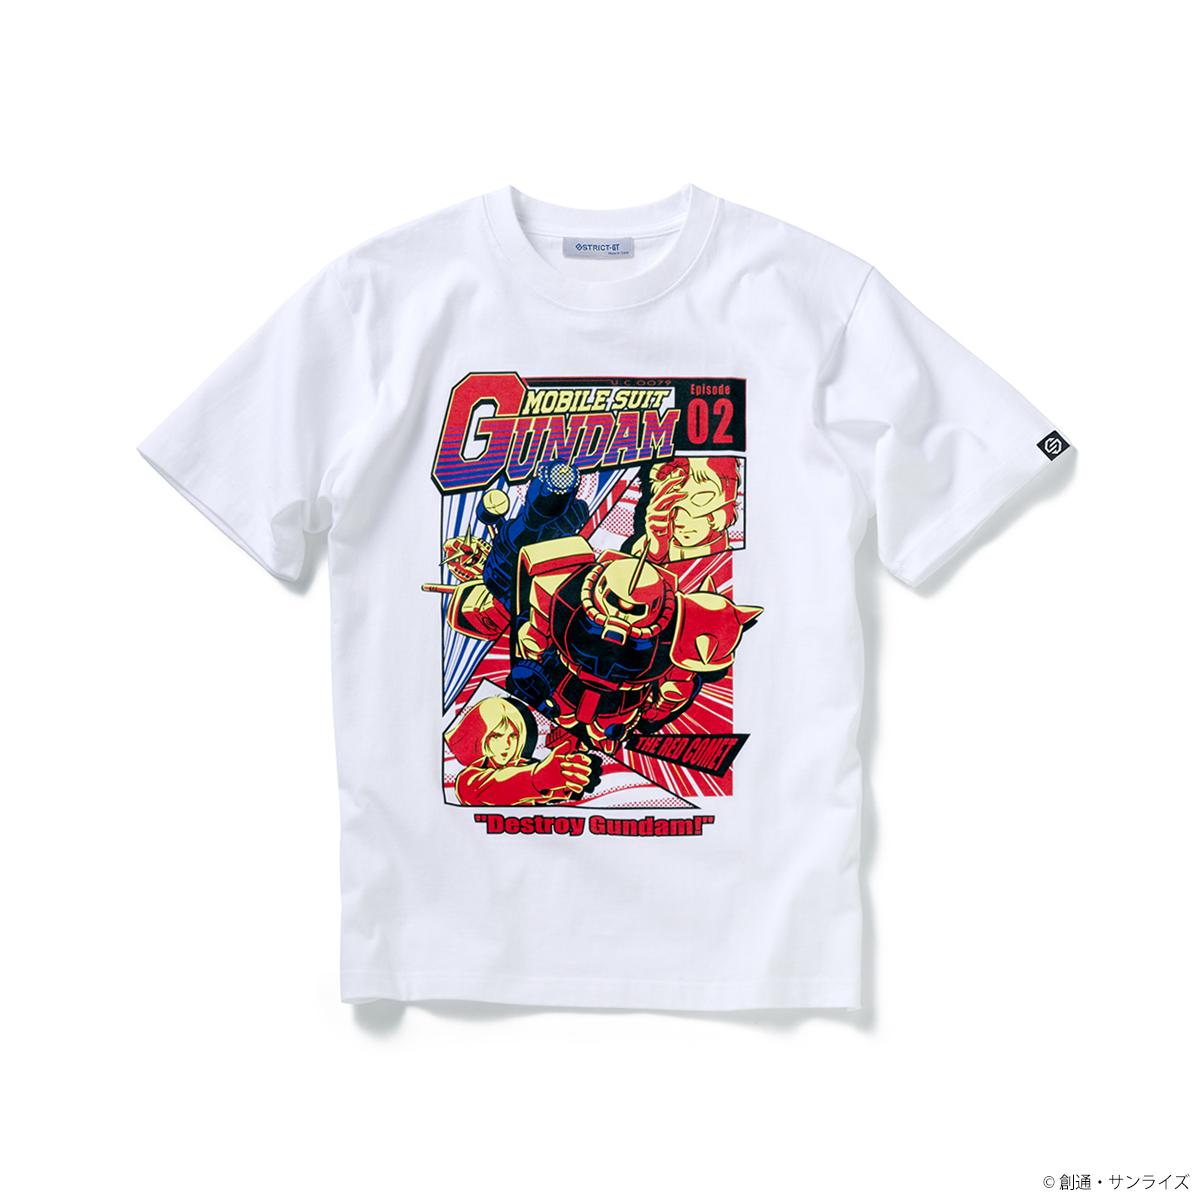 『機動戦士ガンダム』EPISODE Tシャツ エピソード02話「ガンダム破壊命令」